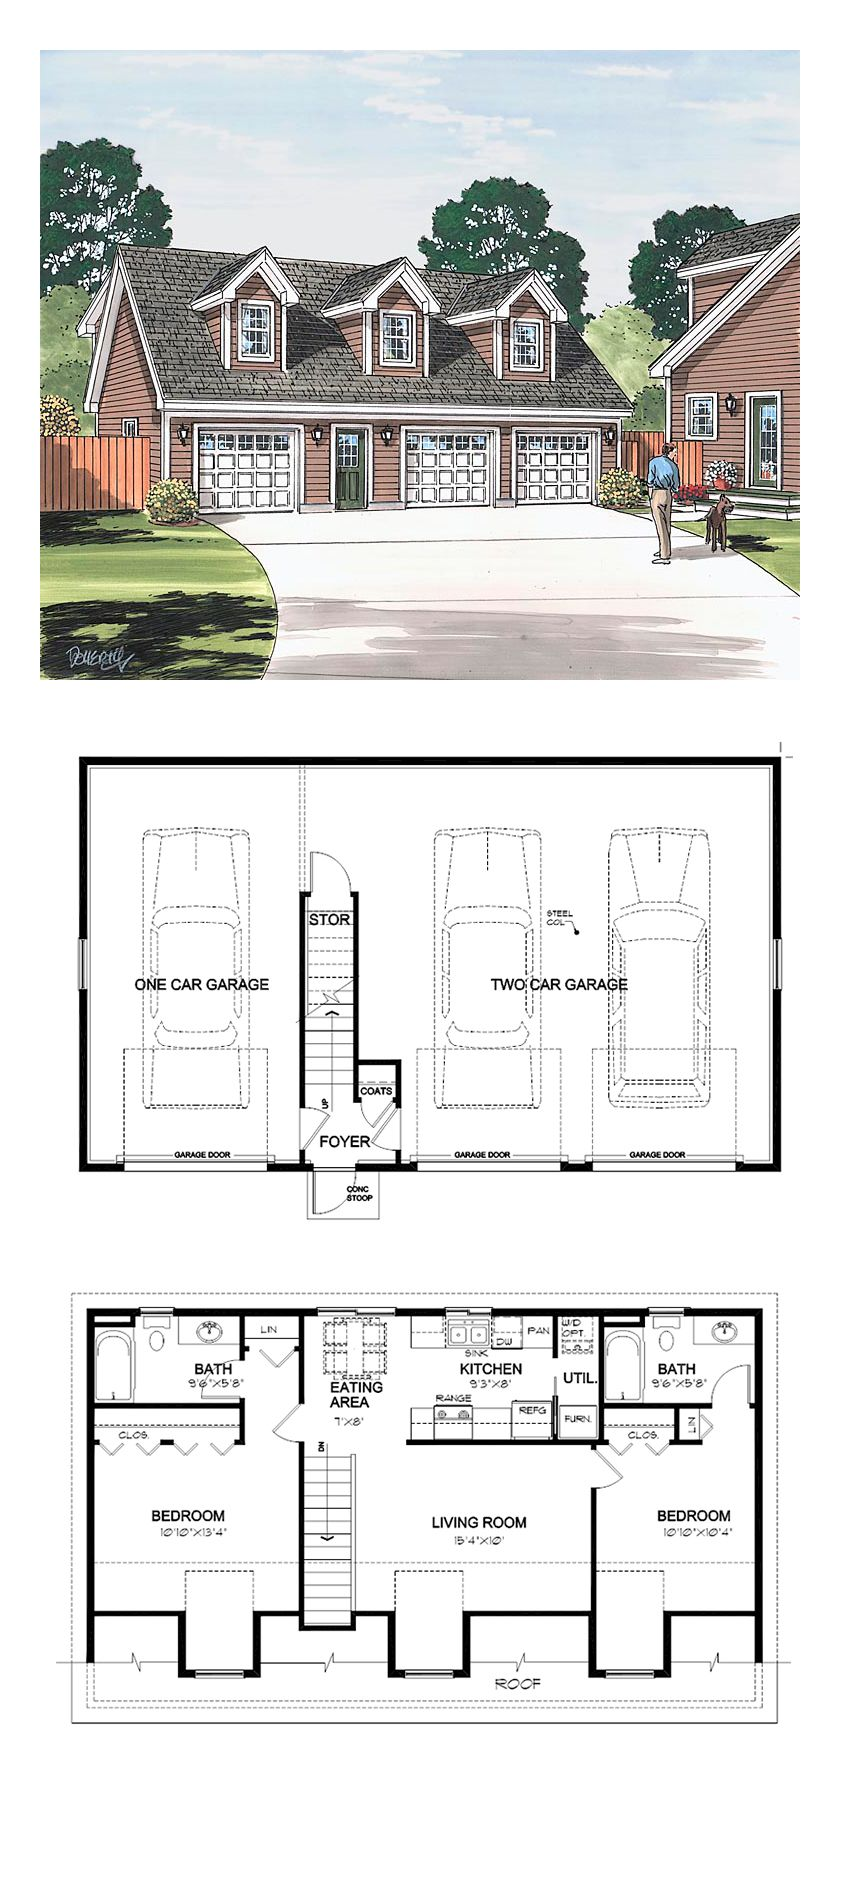 3 Car Garage Apartment Plan